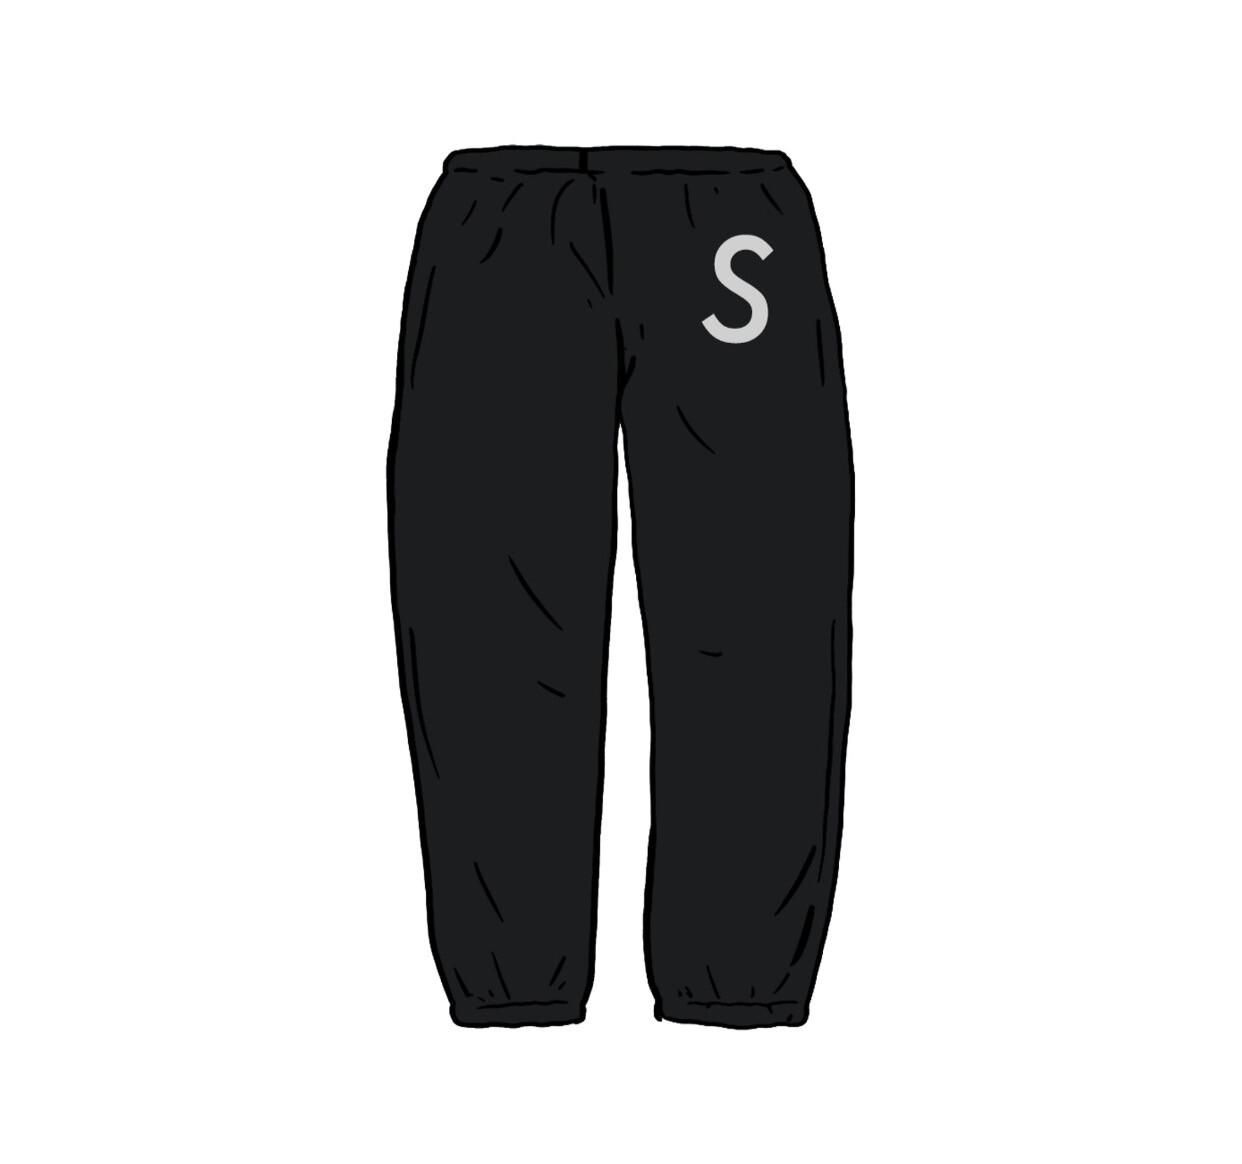 Supreme Swarovski S Logo Sweatpants